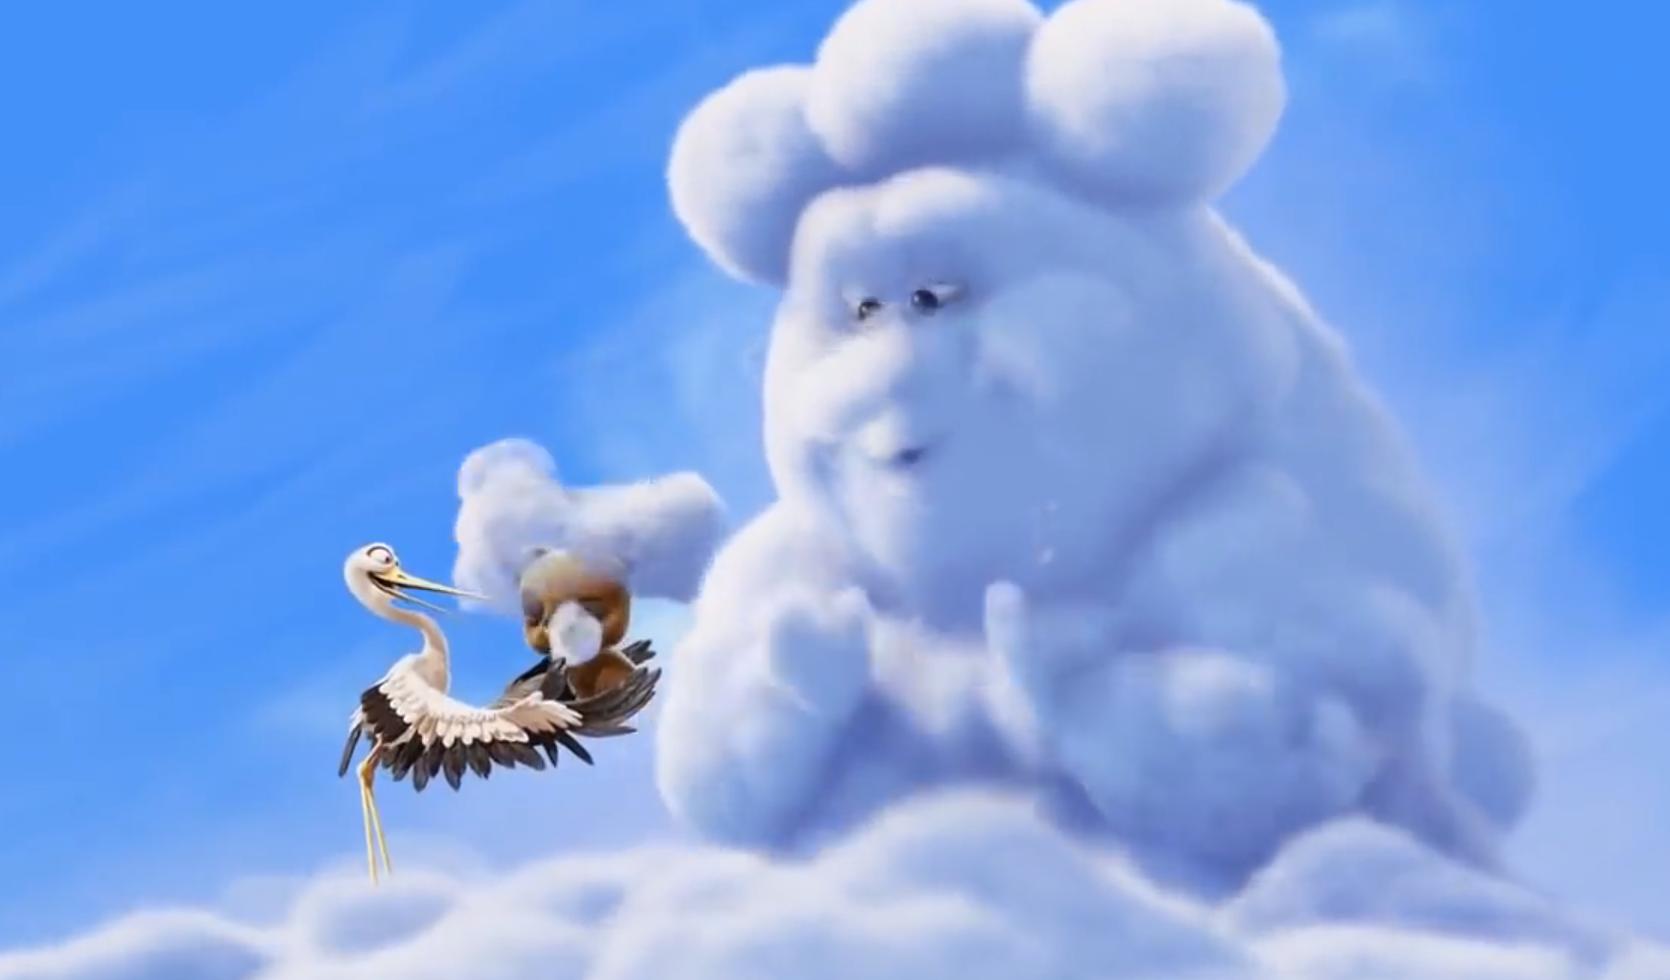 картинки переменная облачность облачко плачет оружие выглядит неправдоподобно